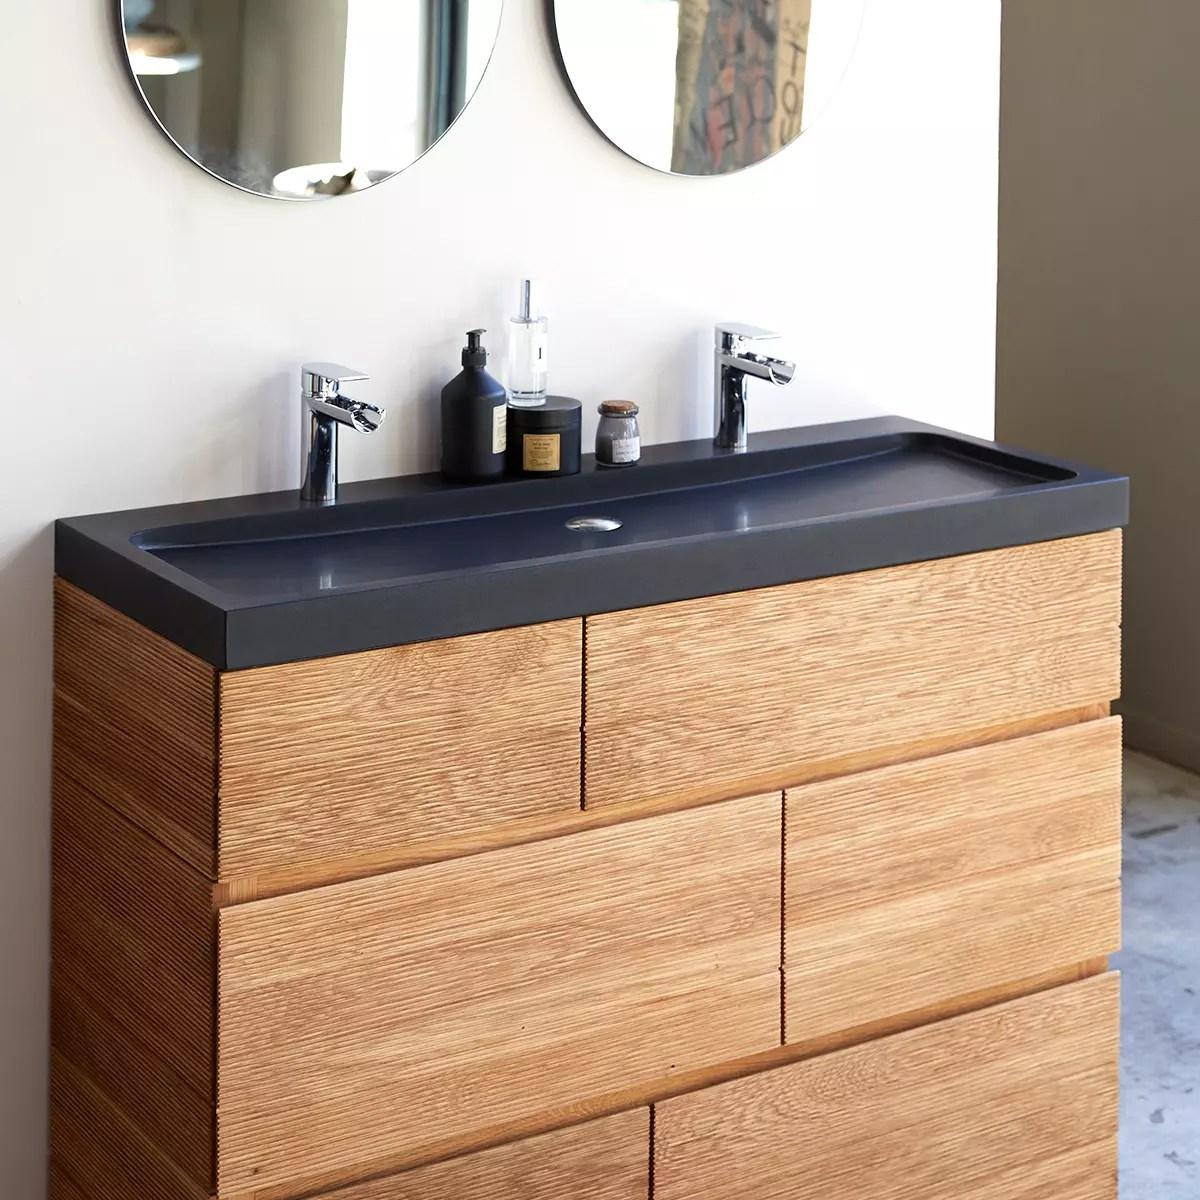 meuble salle de bain en chene massif et pierre de lave 120 karl